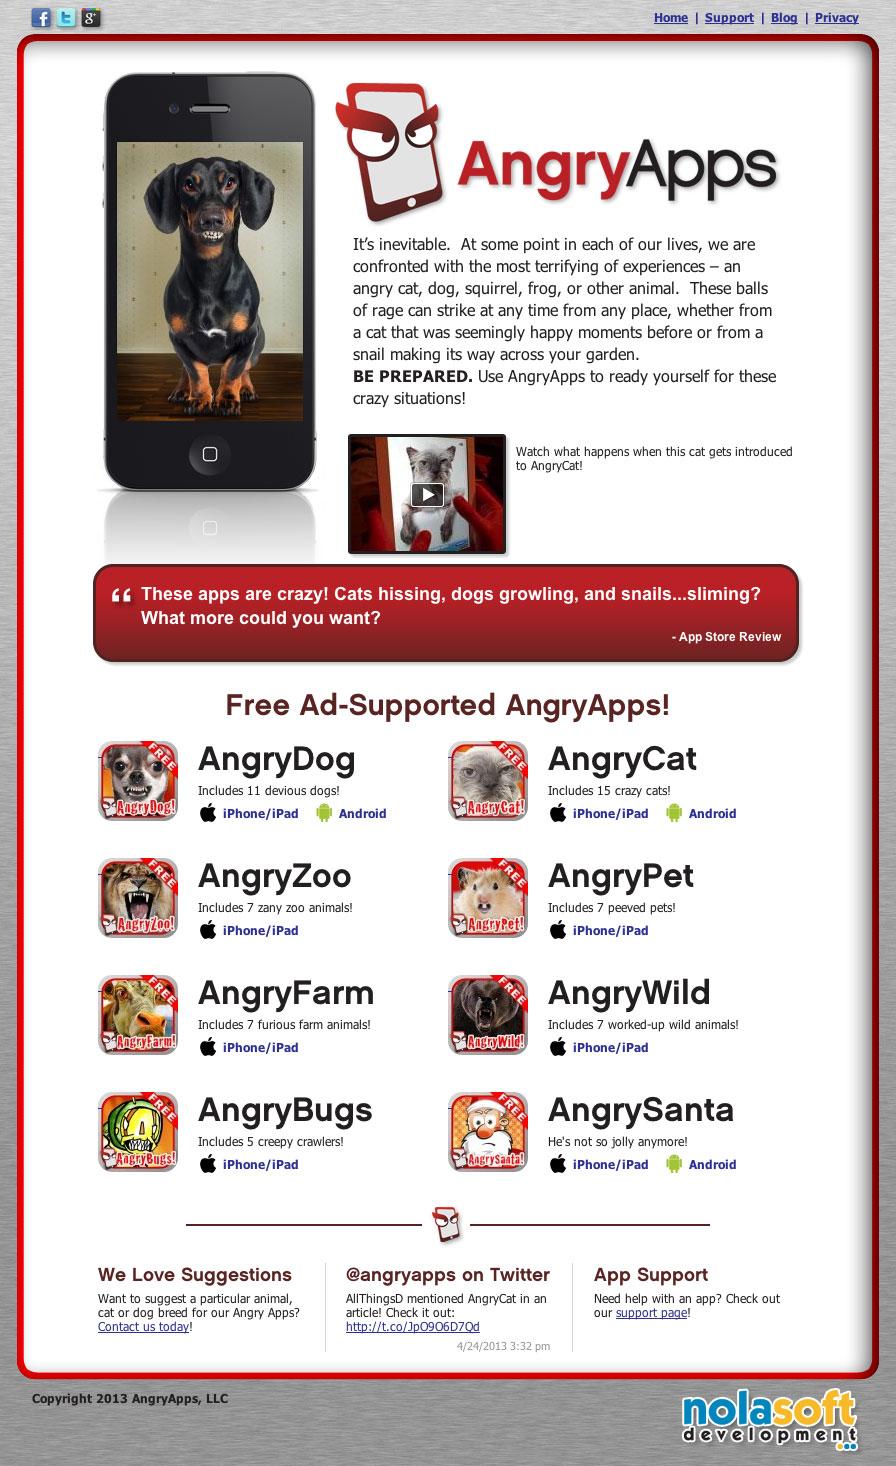 AngryApps